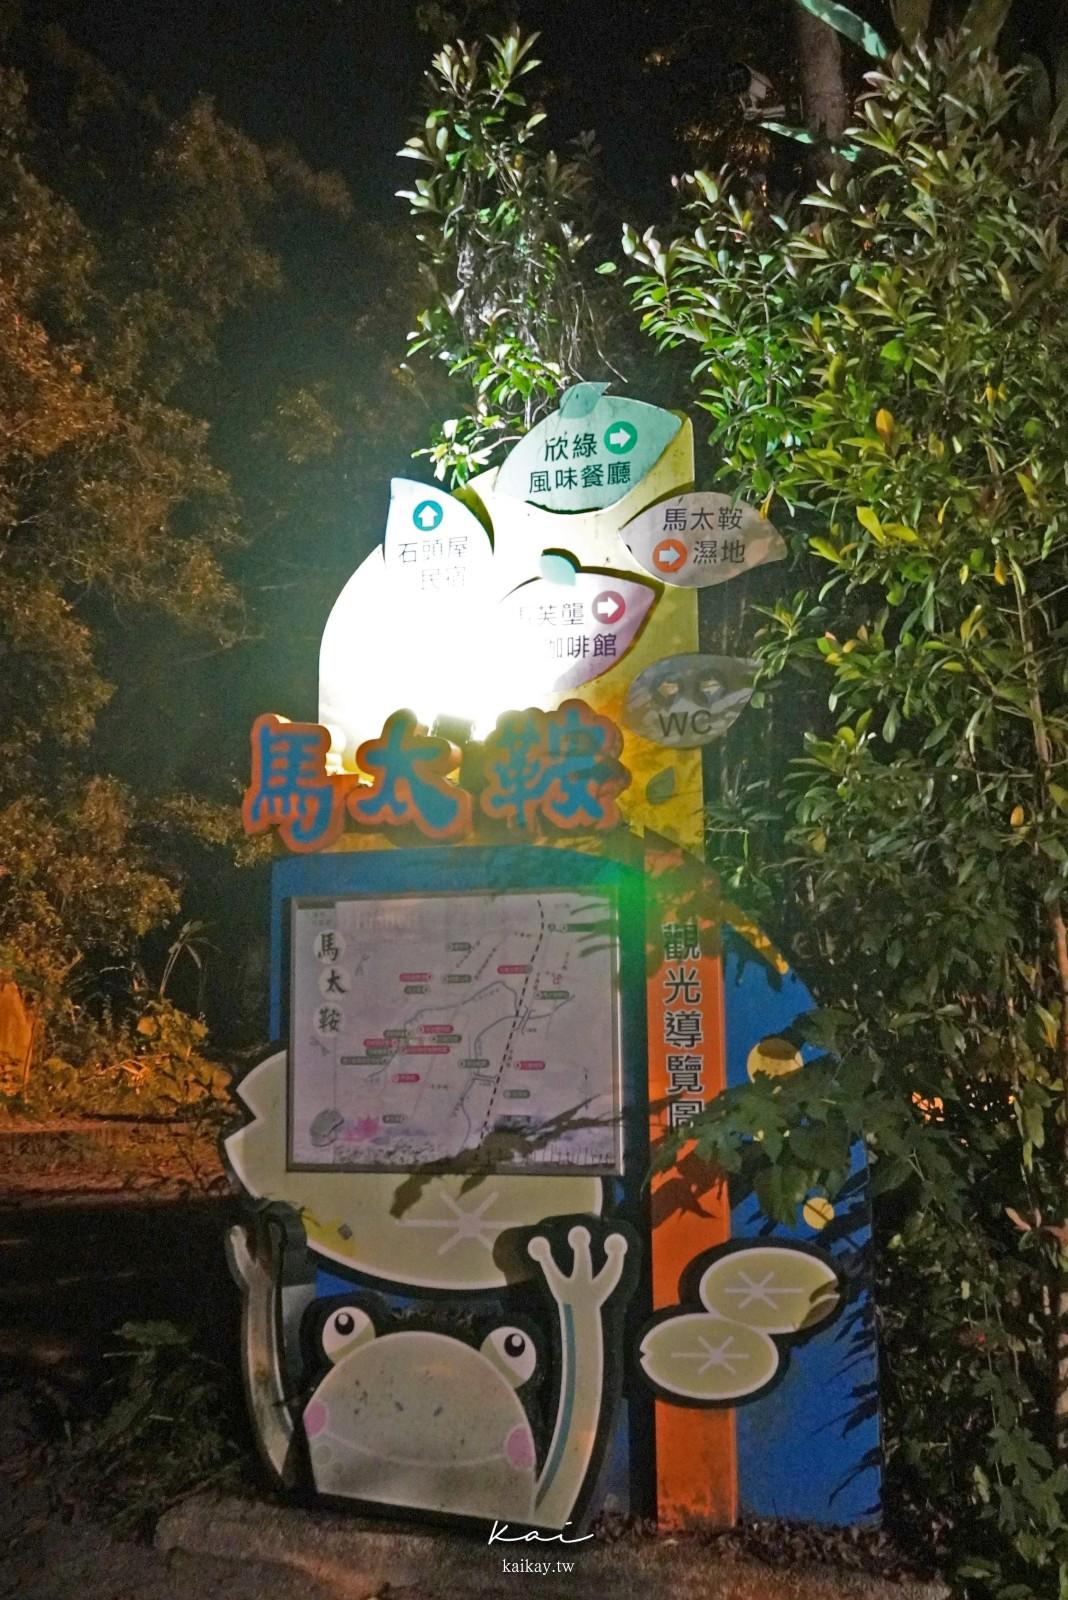 ☆【花蓮景點】馬太鞍濕地欣綠農園。沐浴在螢火蟲微光中的奇幻體驗